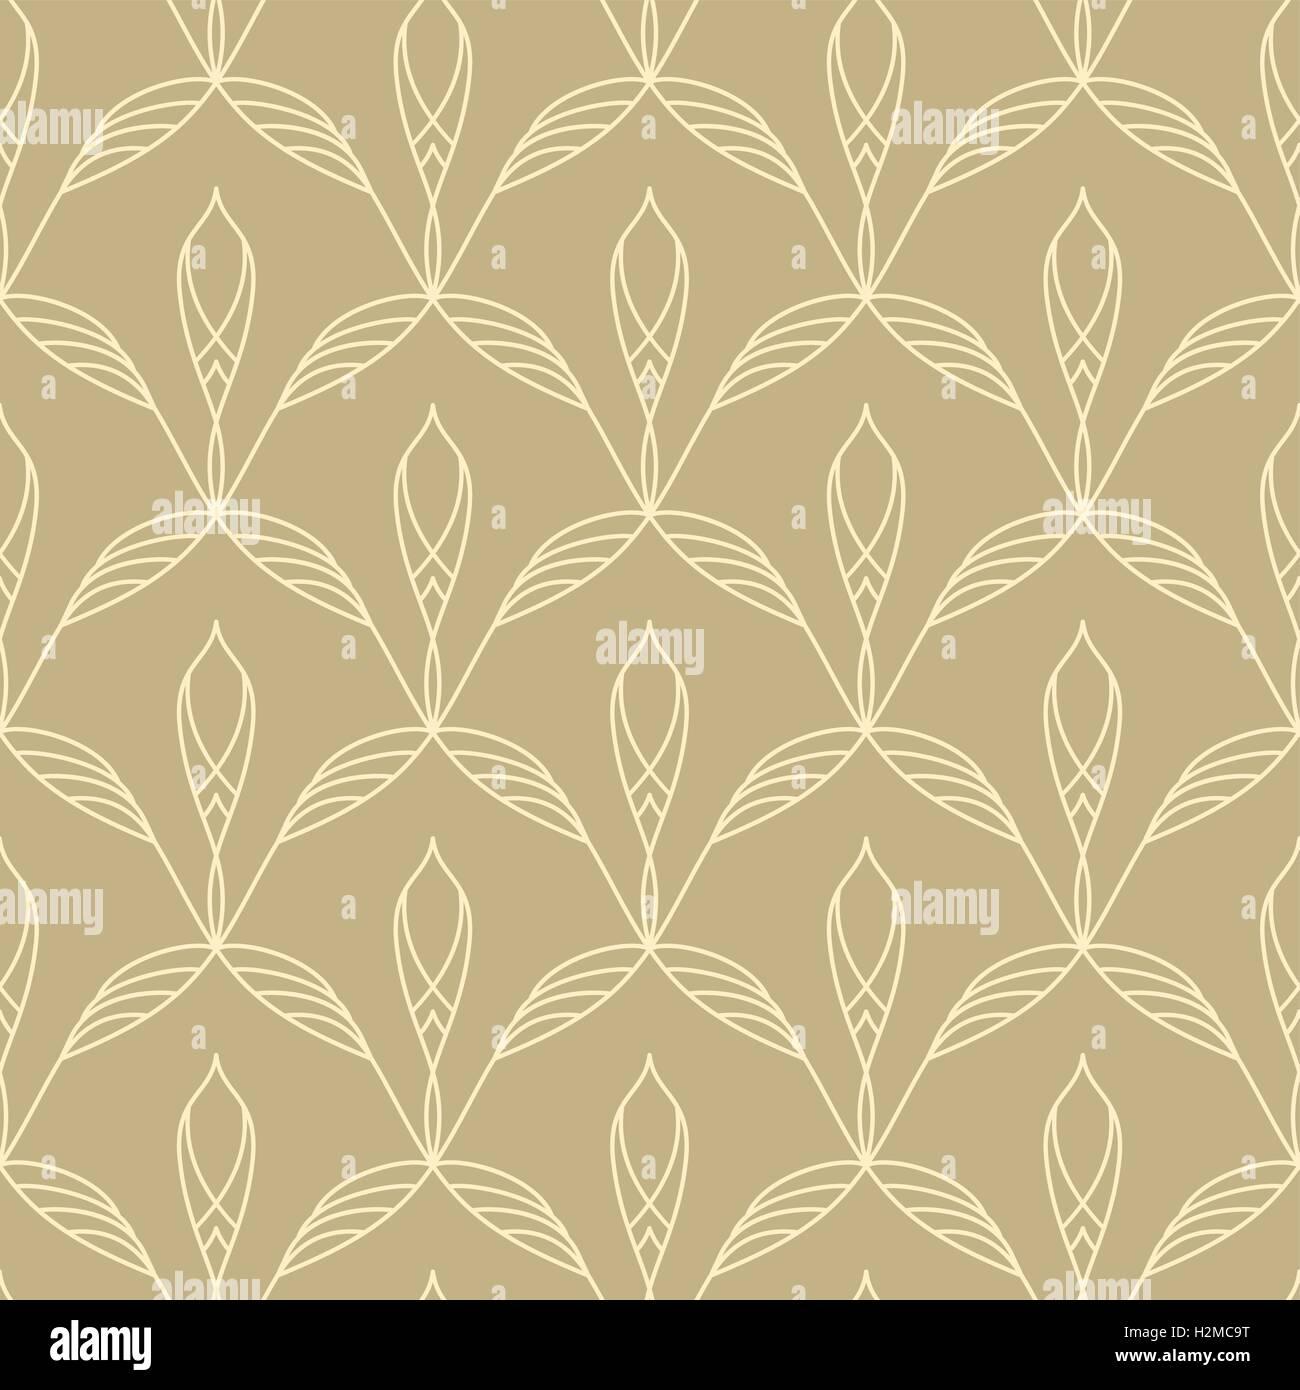 Motif floral répétitif sans couture linéaire Photo Stock